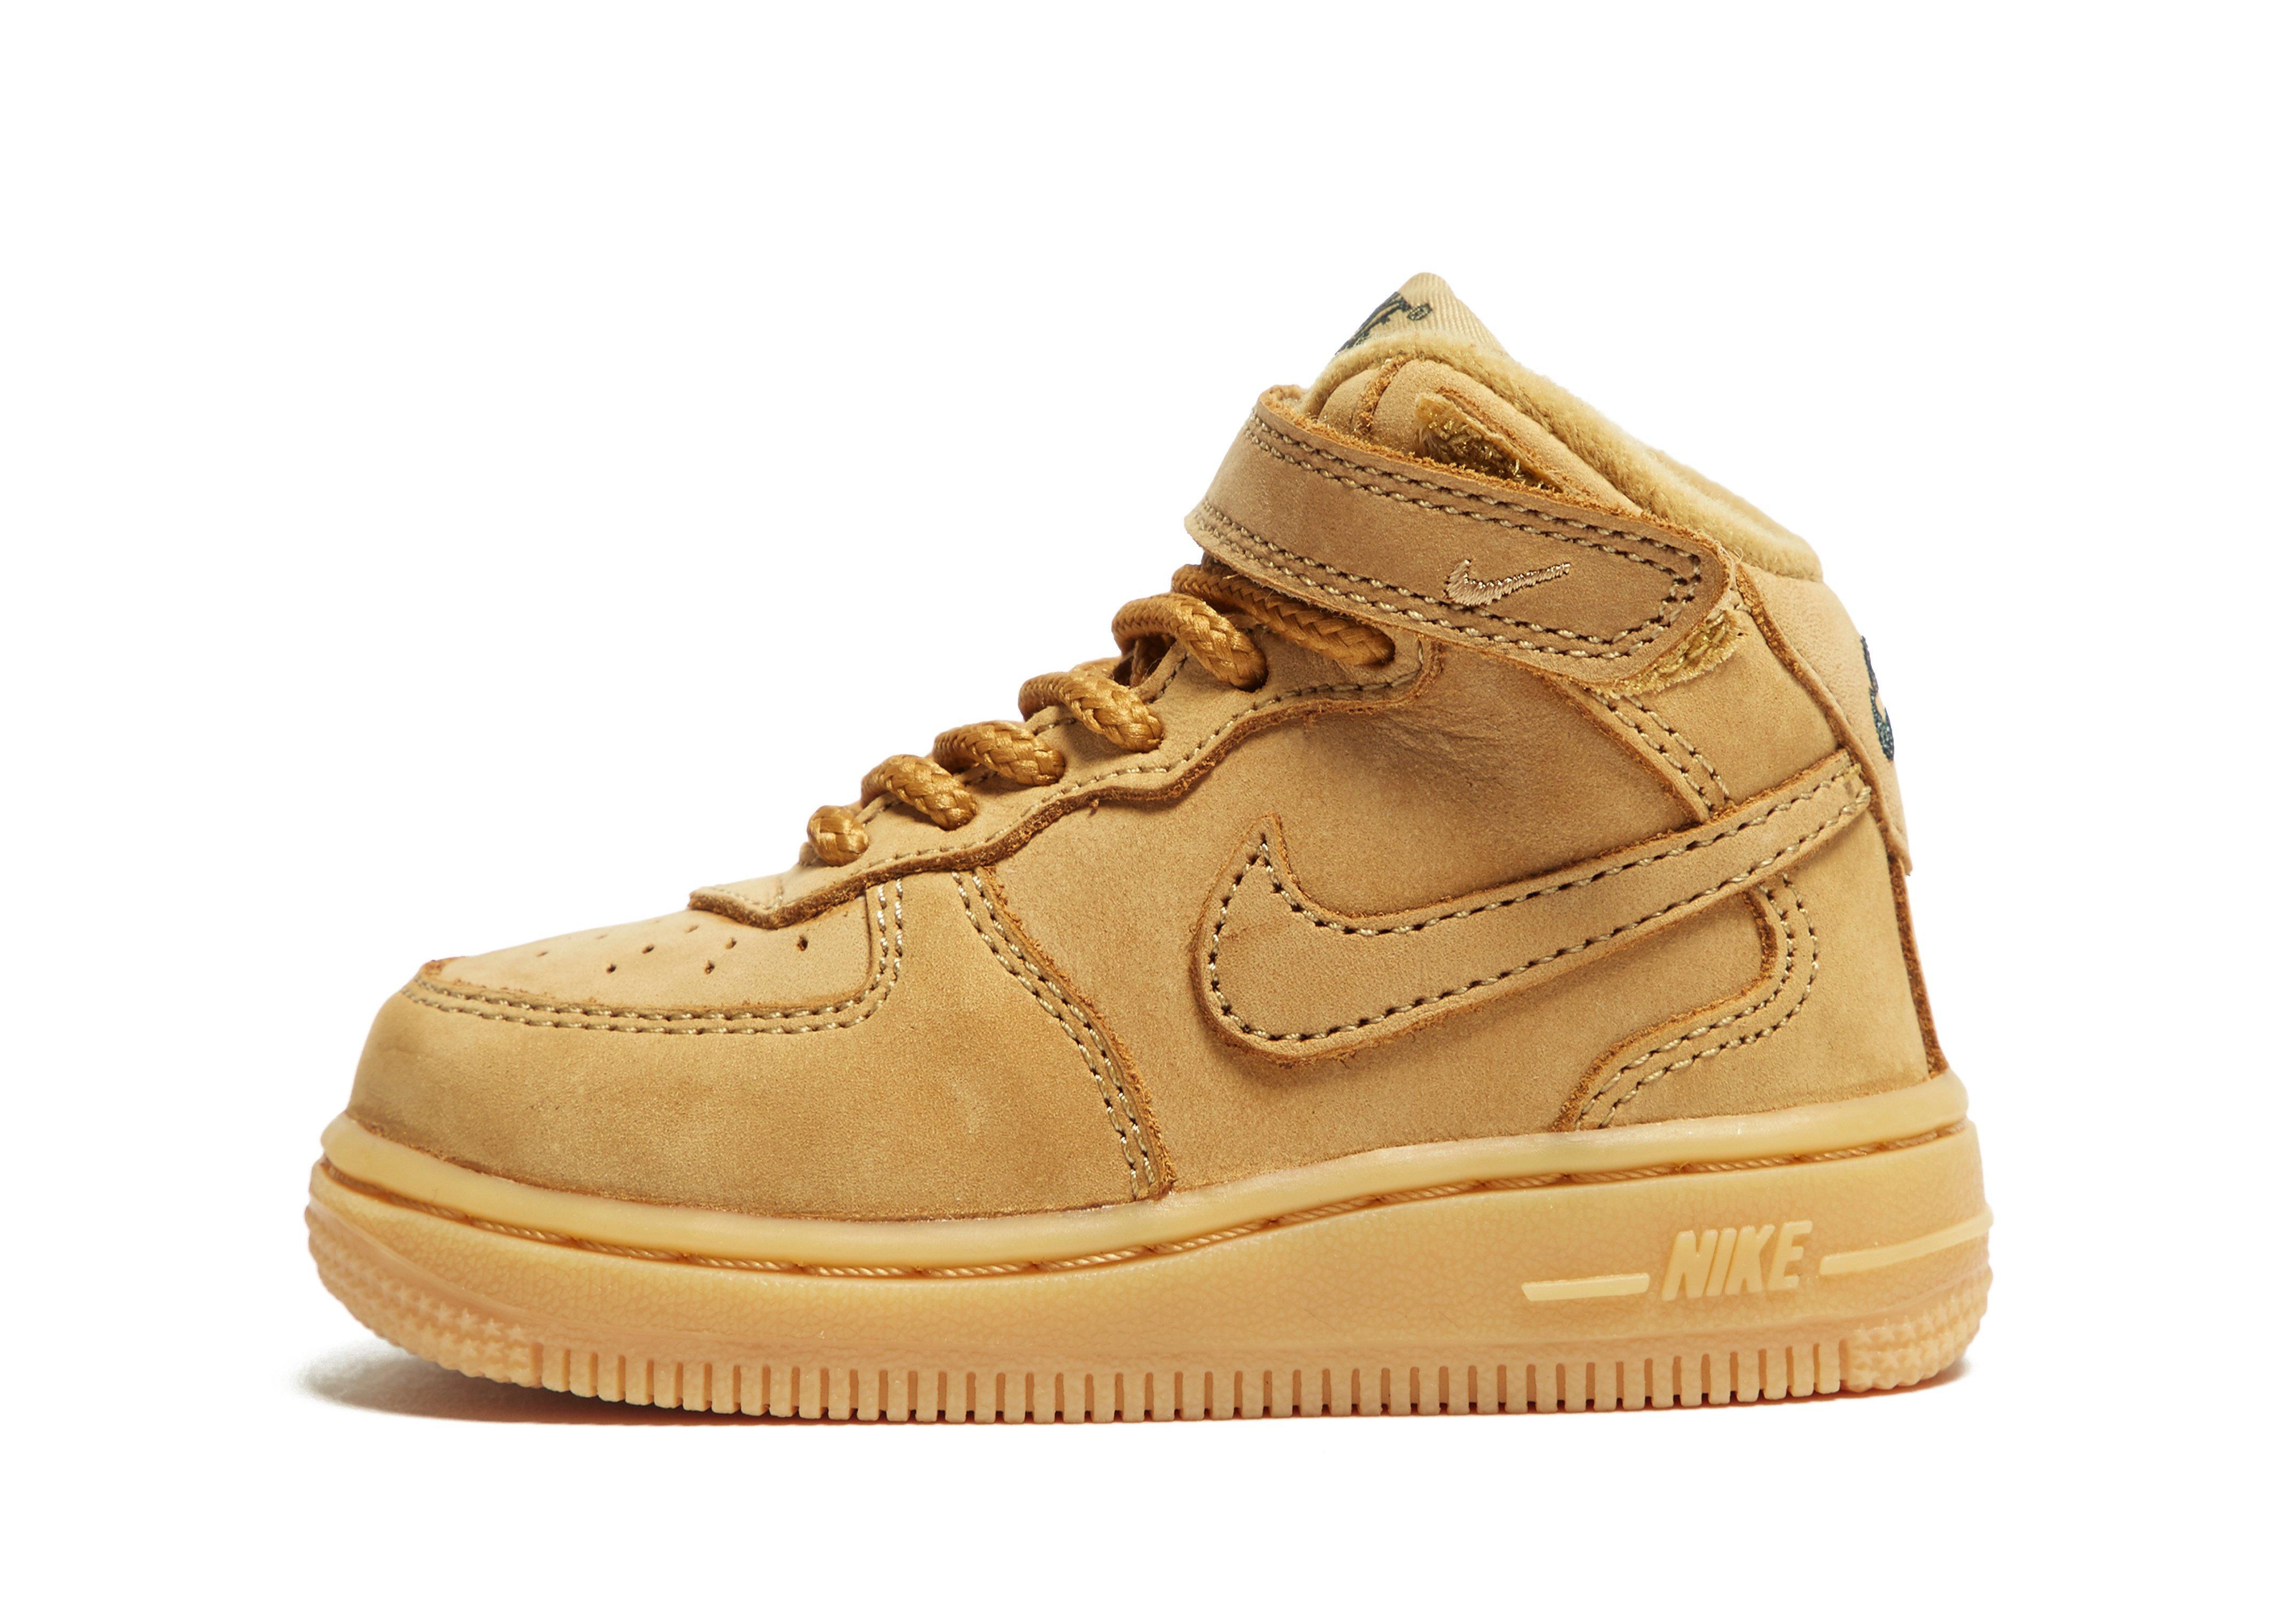 Nike Air Force 1 Haut - Mens Par Tan Maillots De Bain pas cher véritable 2014 nouveau rabais jeu exclusif sneakernews libre d'expédition 7JQbOY